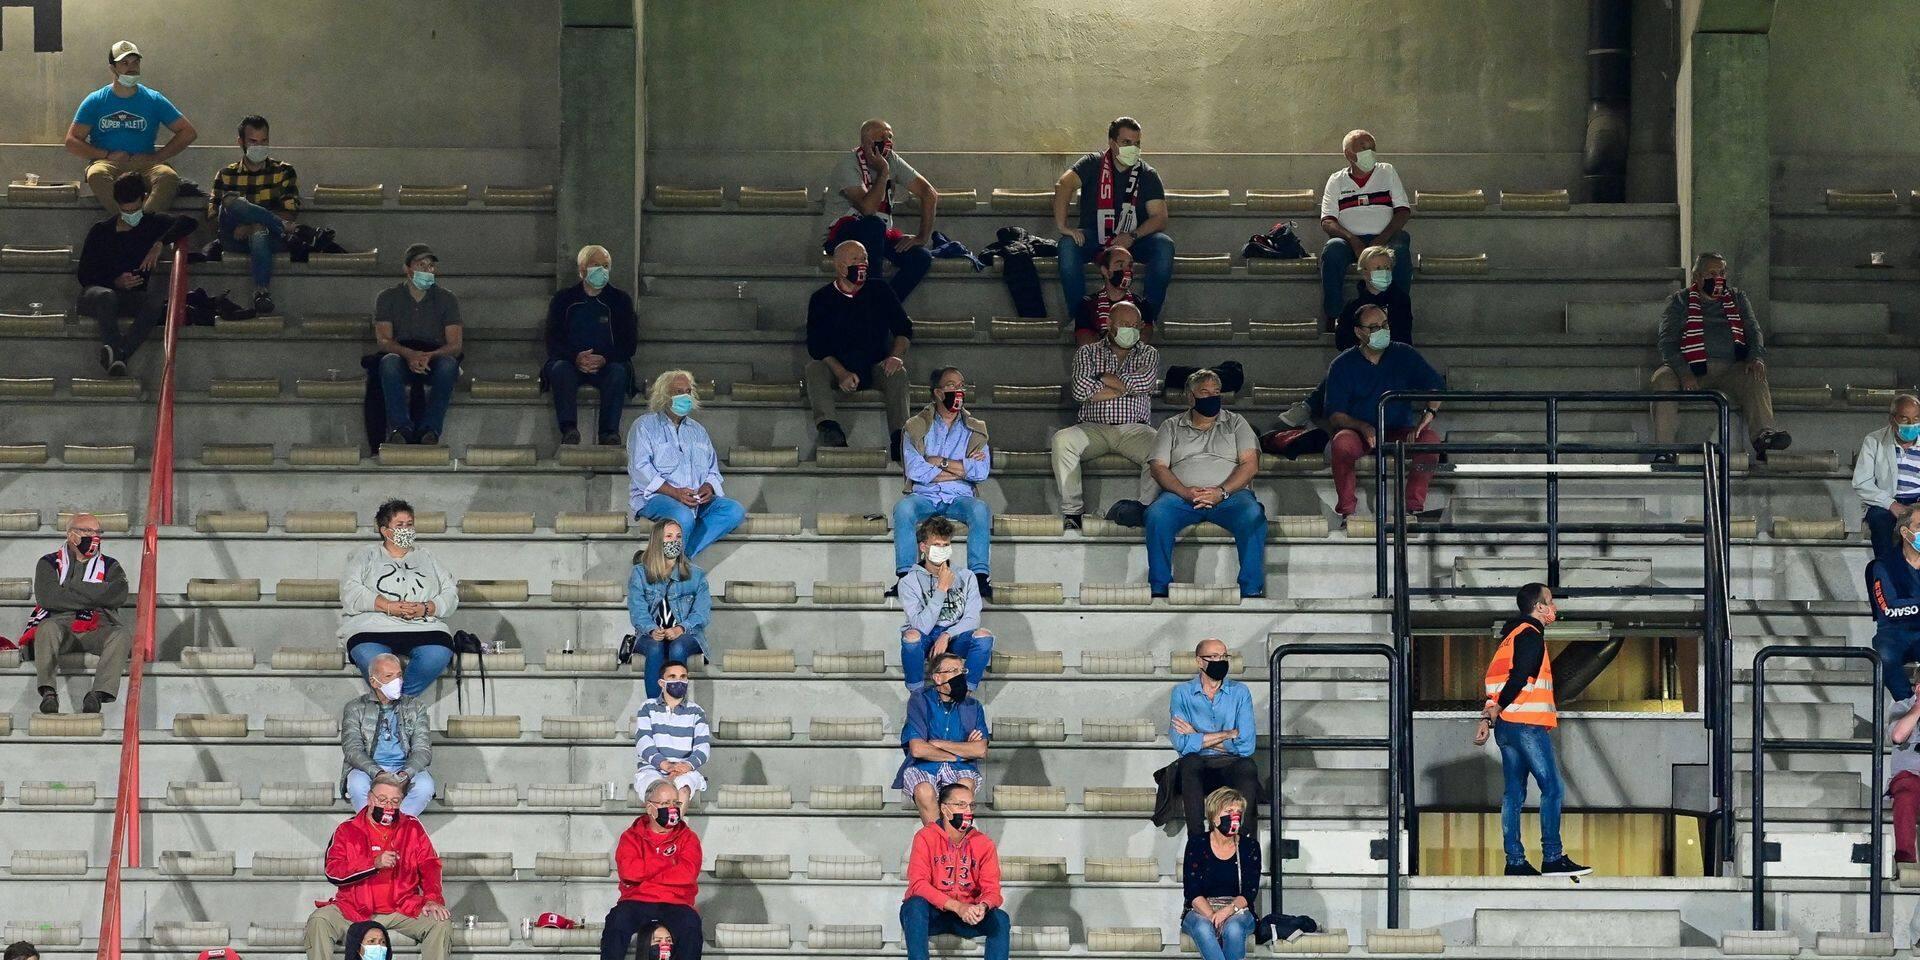 Une partie des supporters molenbeekois ne veut plus se rendre au stade